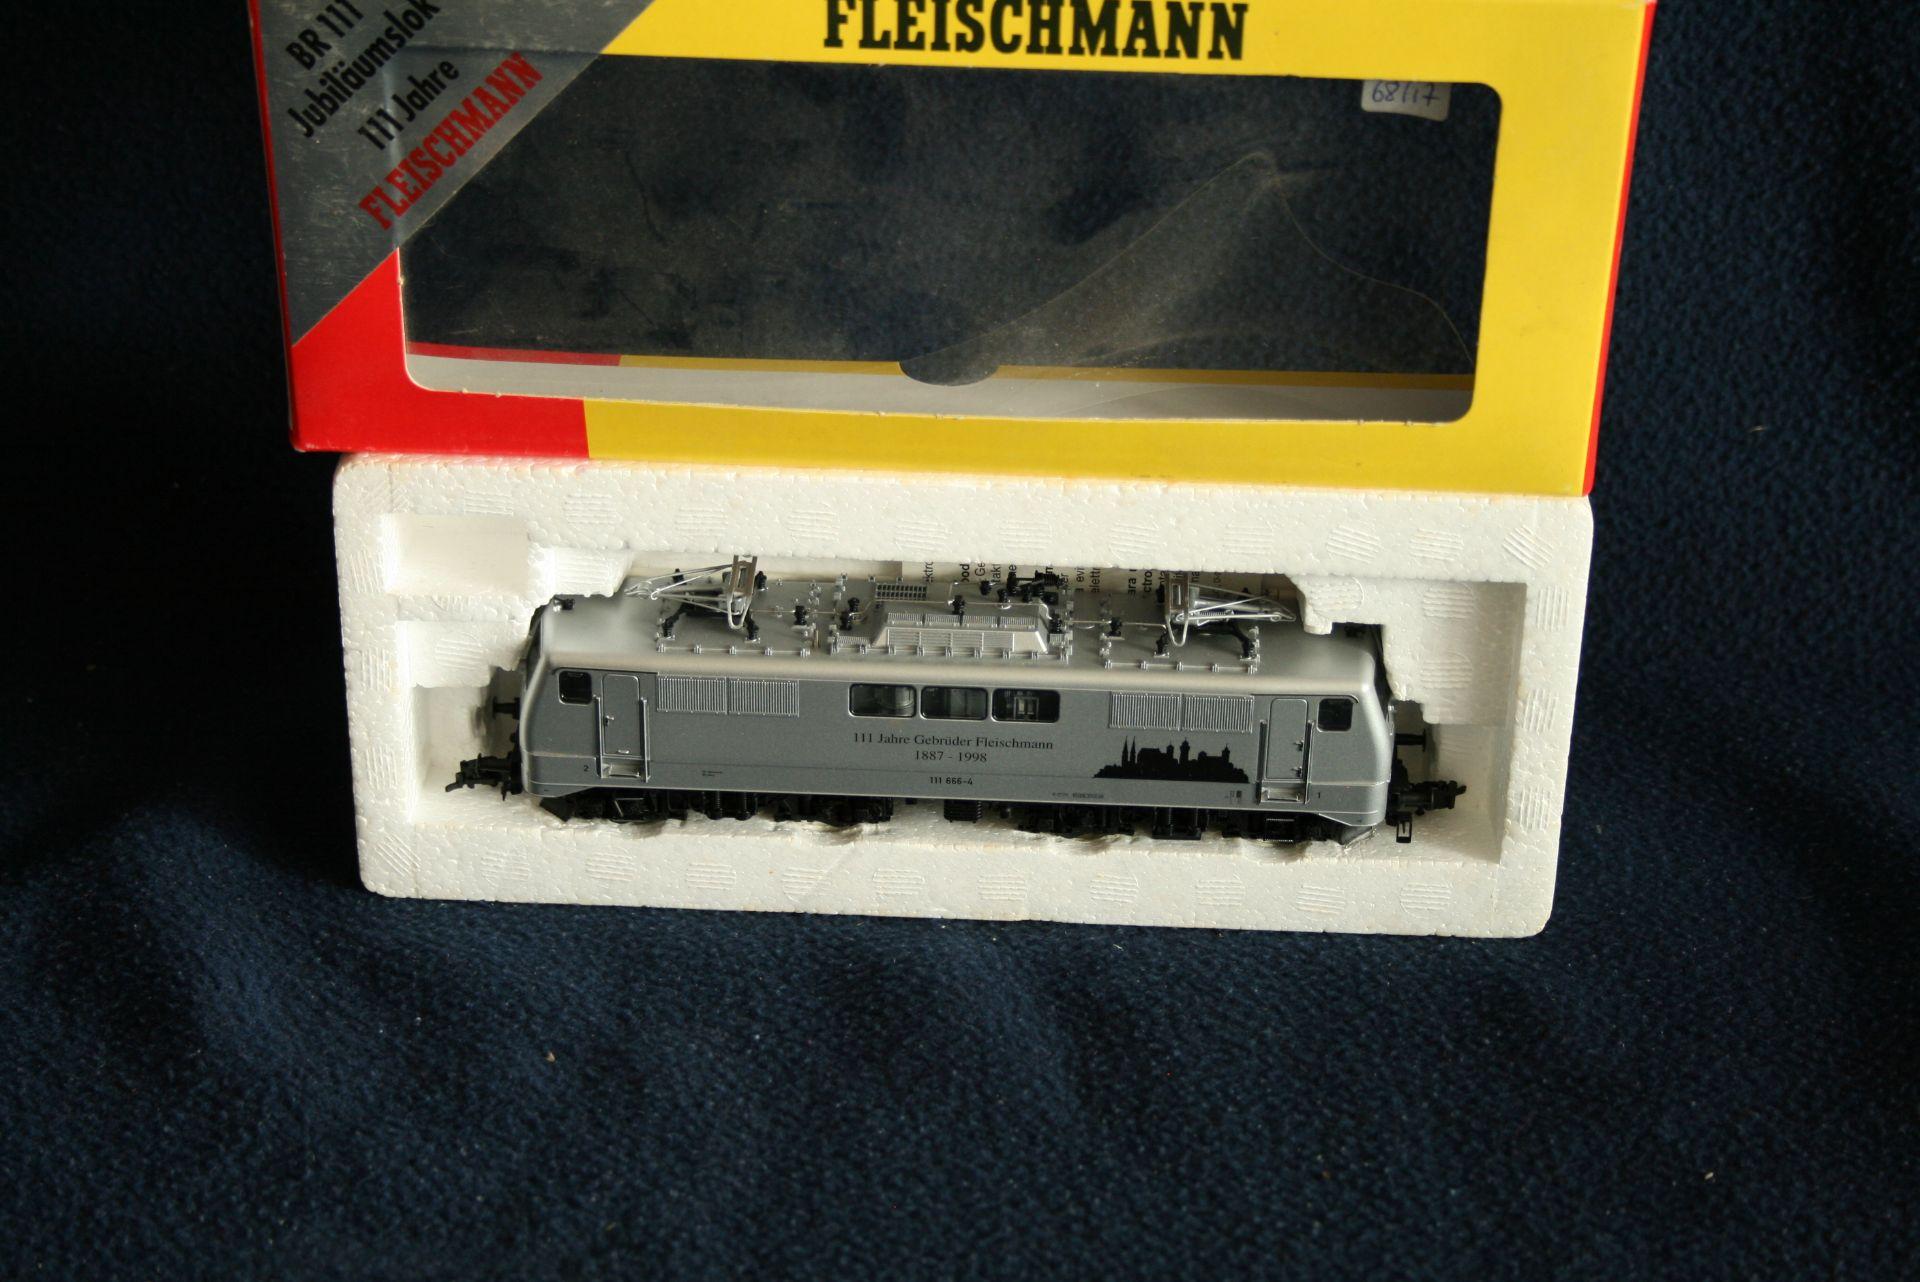 Los 44 - FLEISCHMANN HO - 98 4347 - 111 Jahre Gebrüder Fleischmann 1887-1998, 111 666-4 , [...]